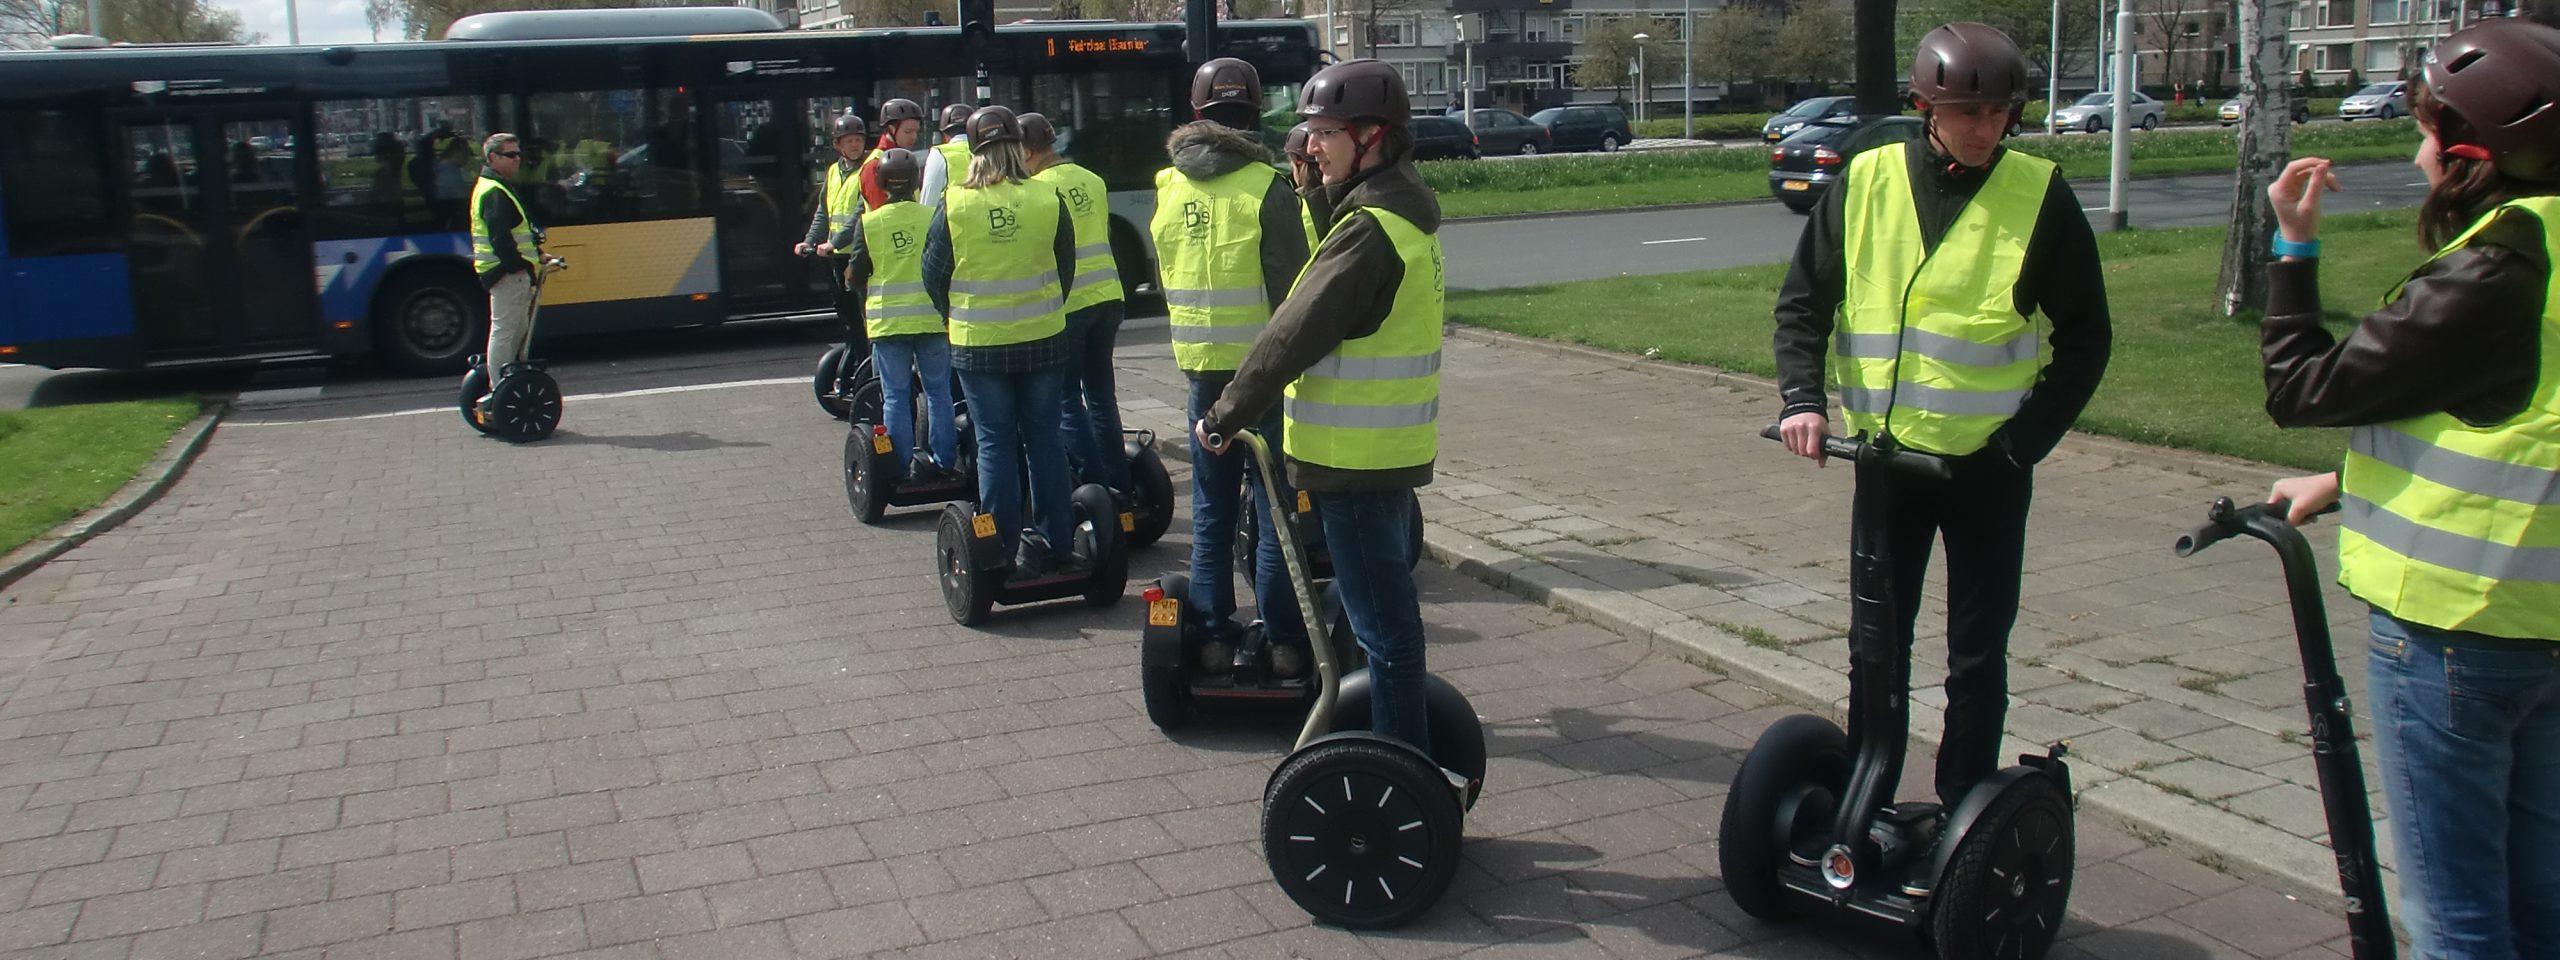 Segway centrum Eindhoven